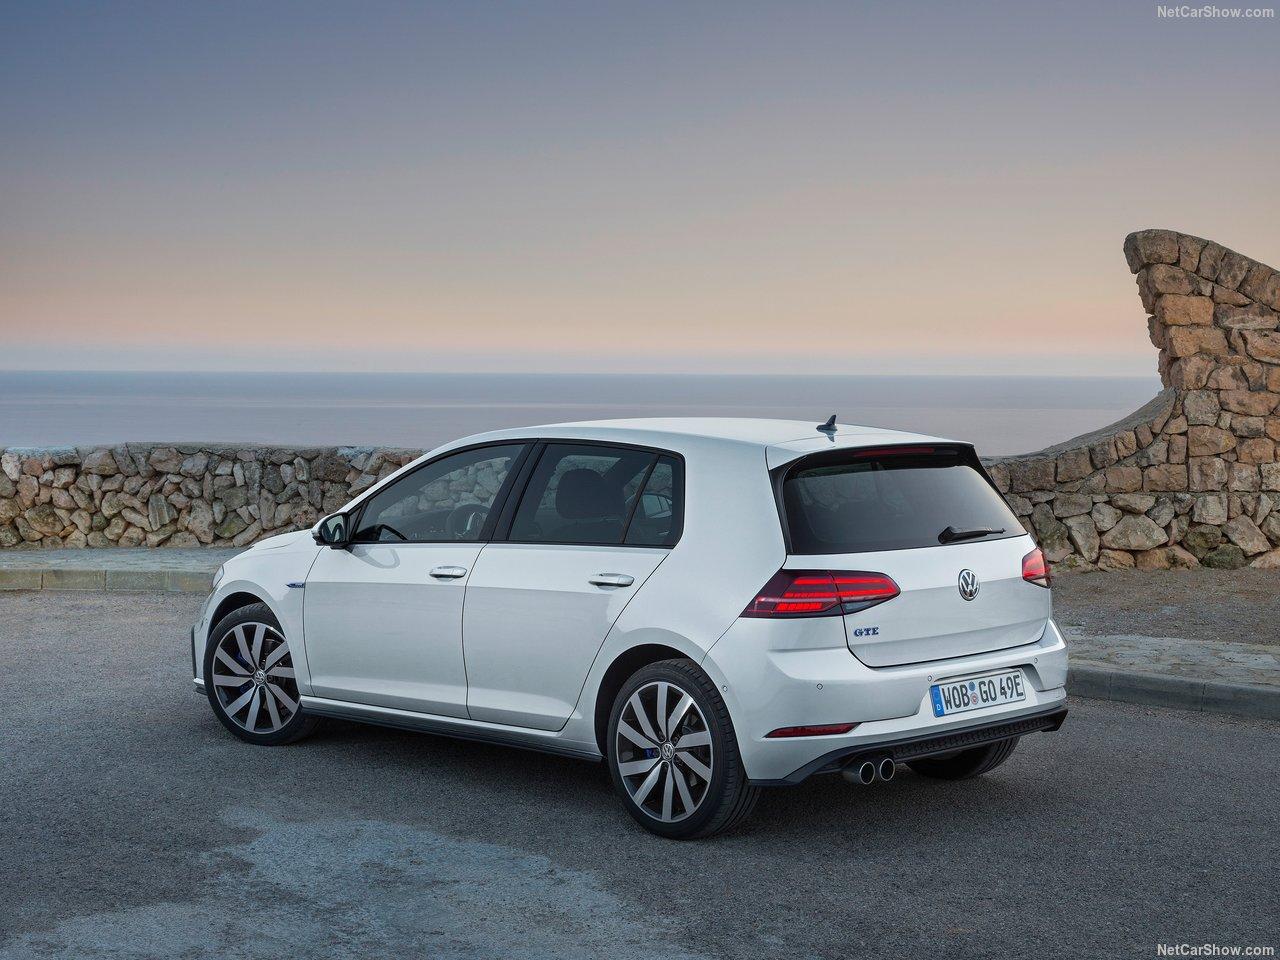 Volkswagen Golf Gte 2017 1280 08